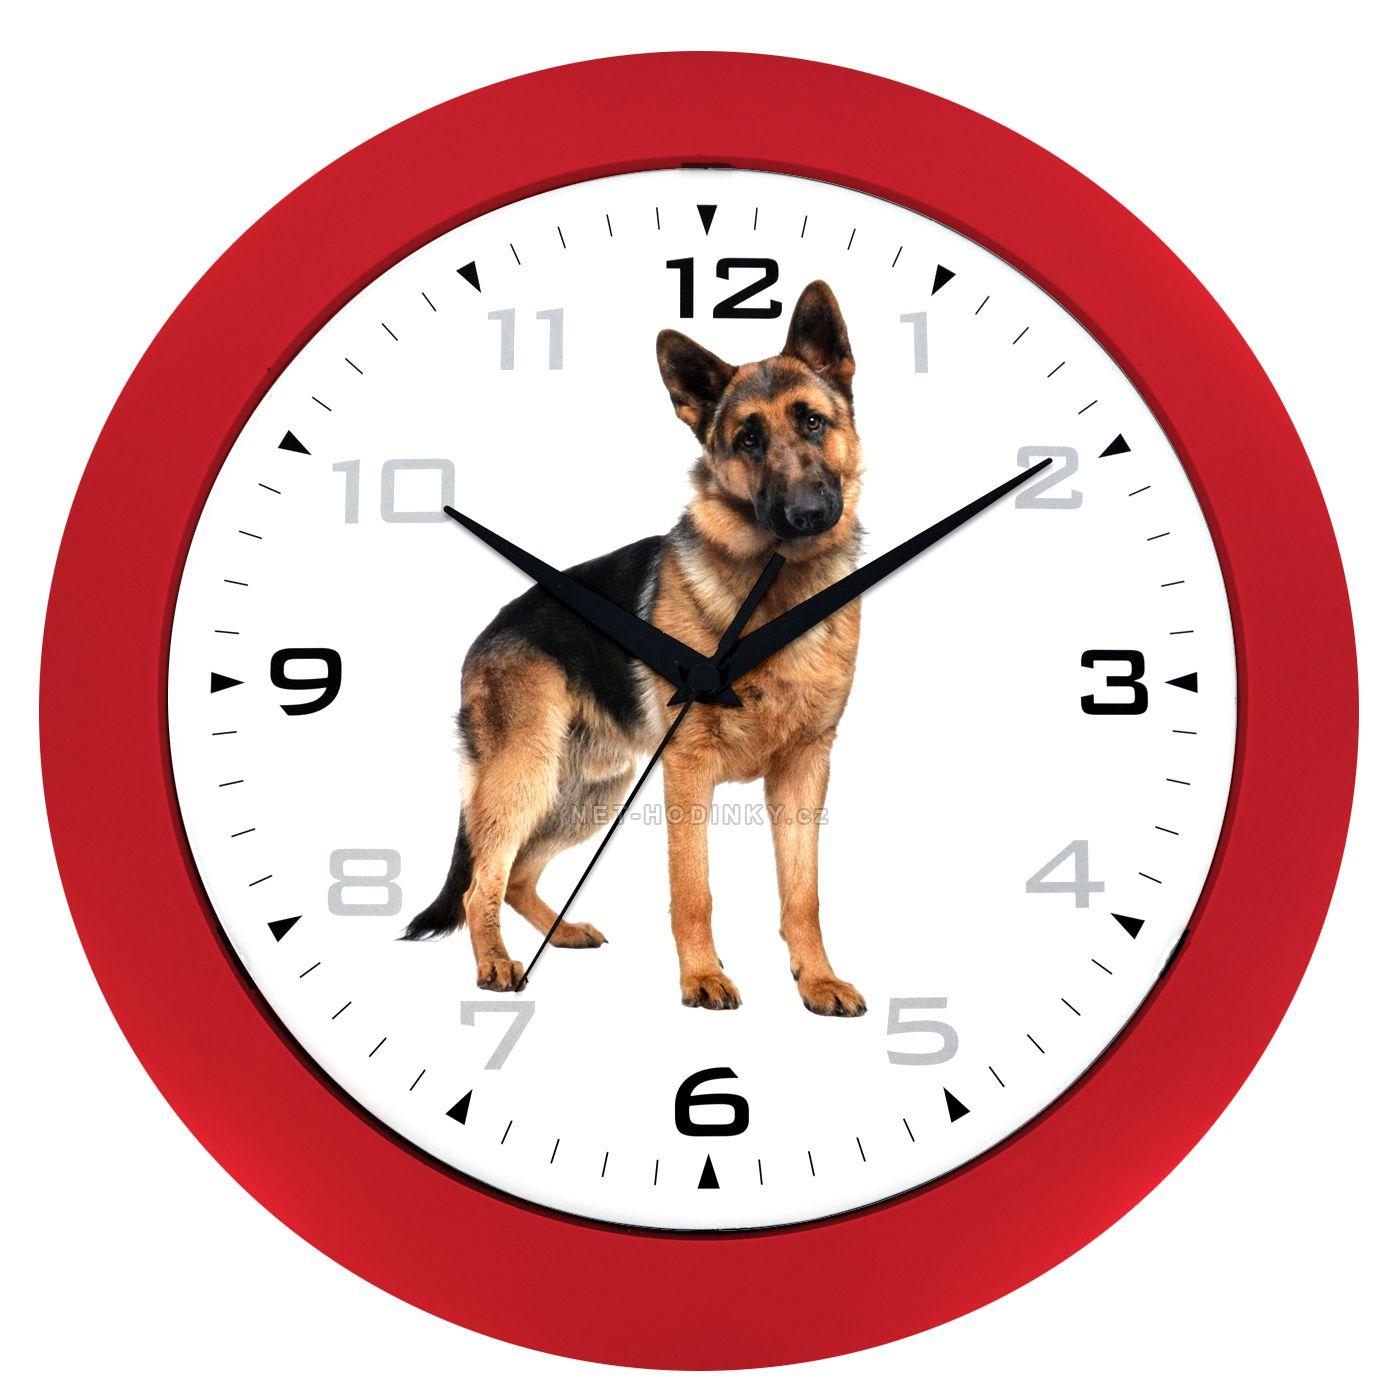 Nástěnné hodiny na stěnu, nástěnné hodiny na zeď motiv pes HJ28035 červená